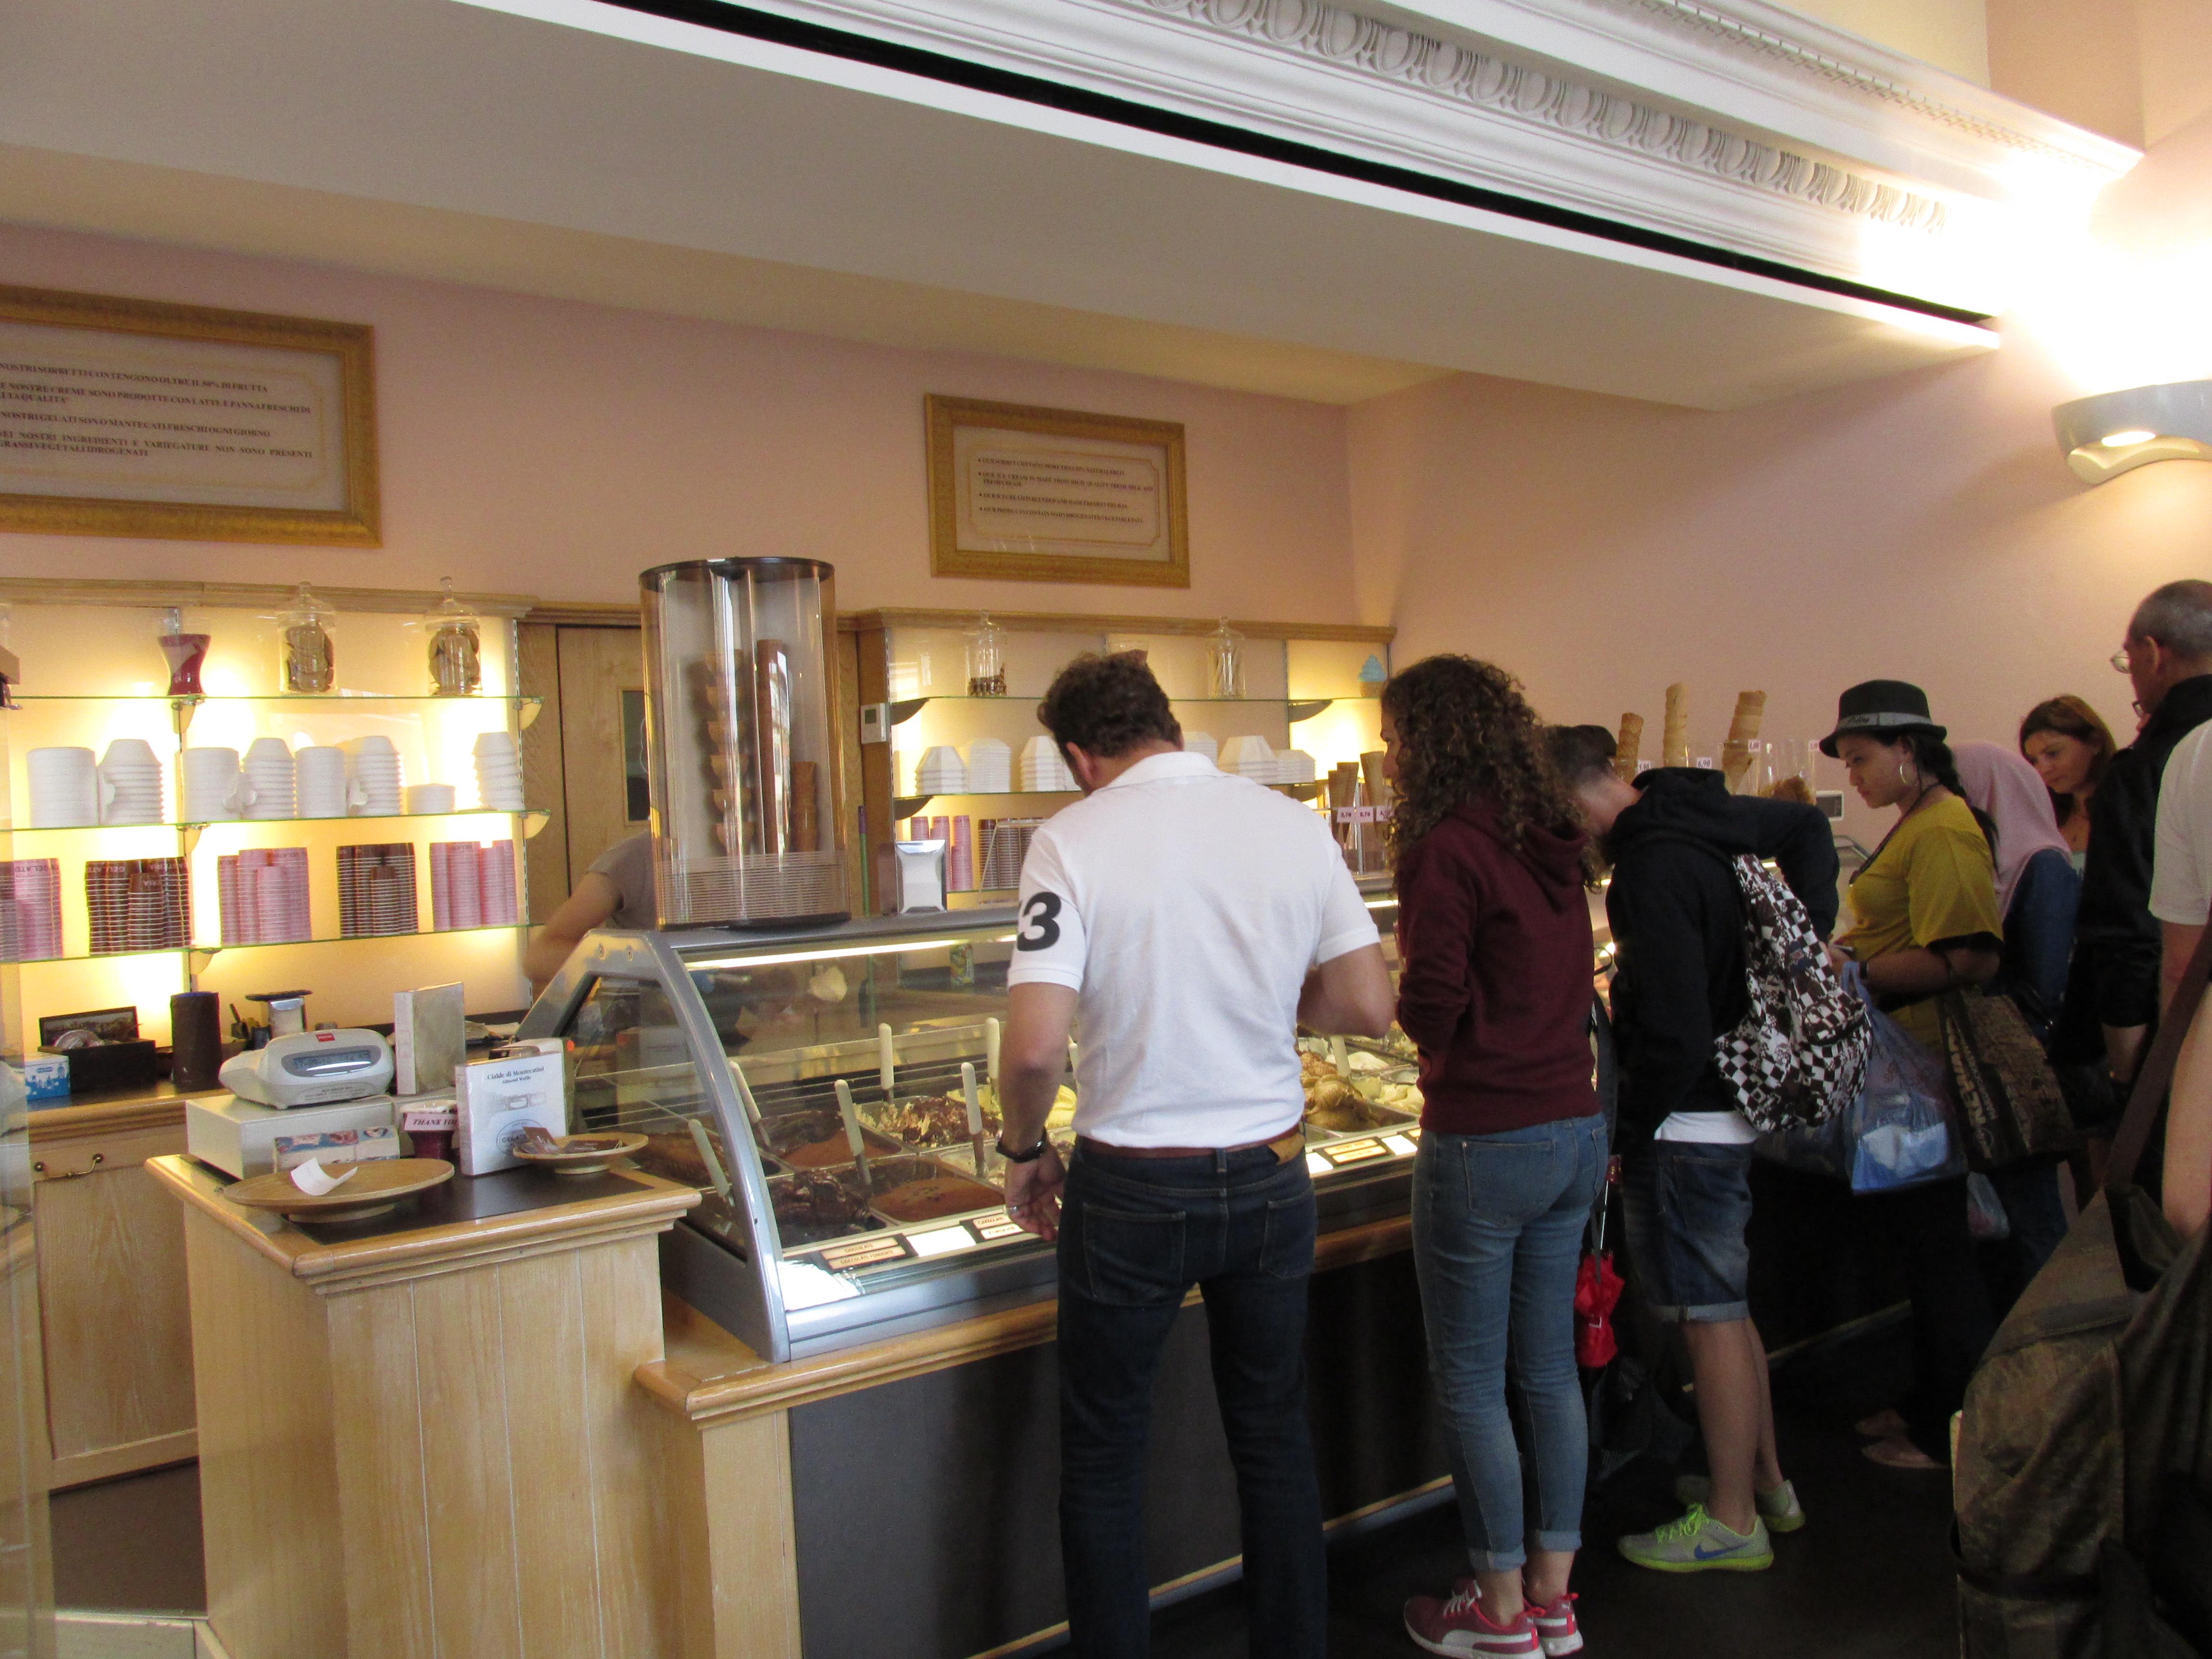 img 3065 - El mejor helado de toda Italia (por lo menos asi lo veo yo...)